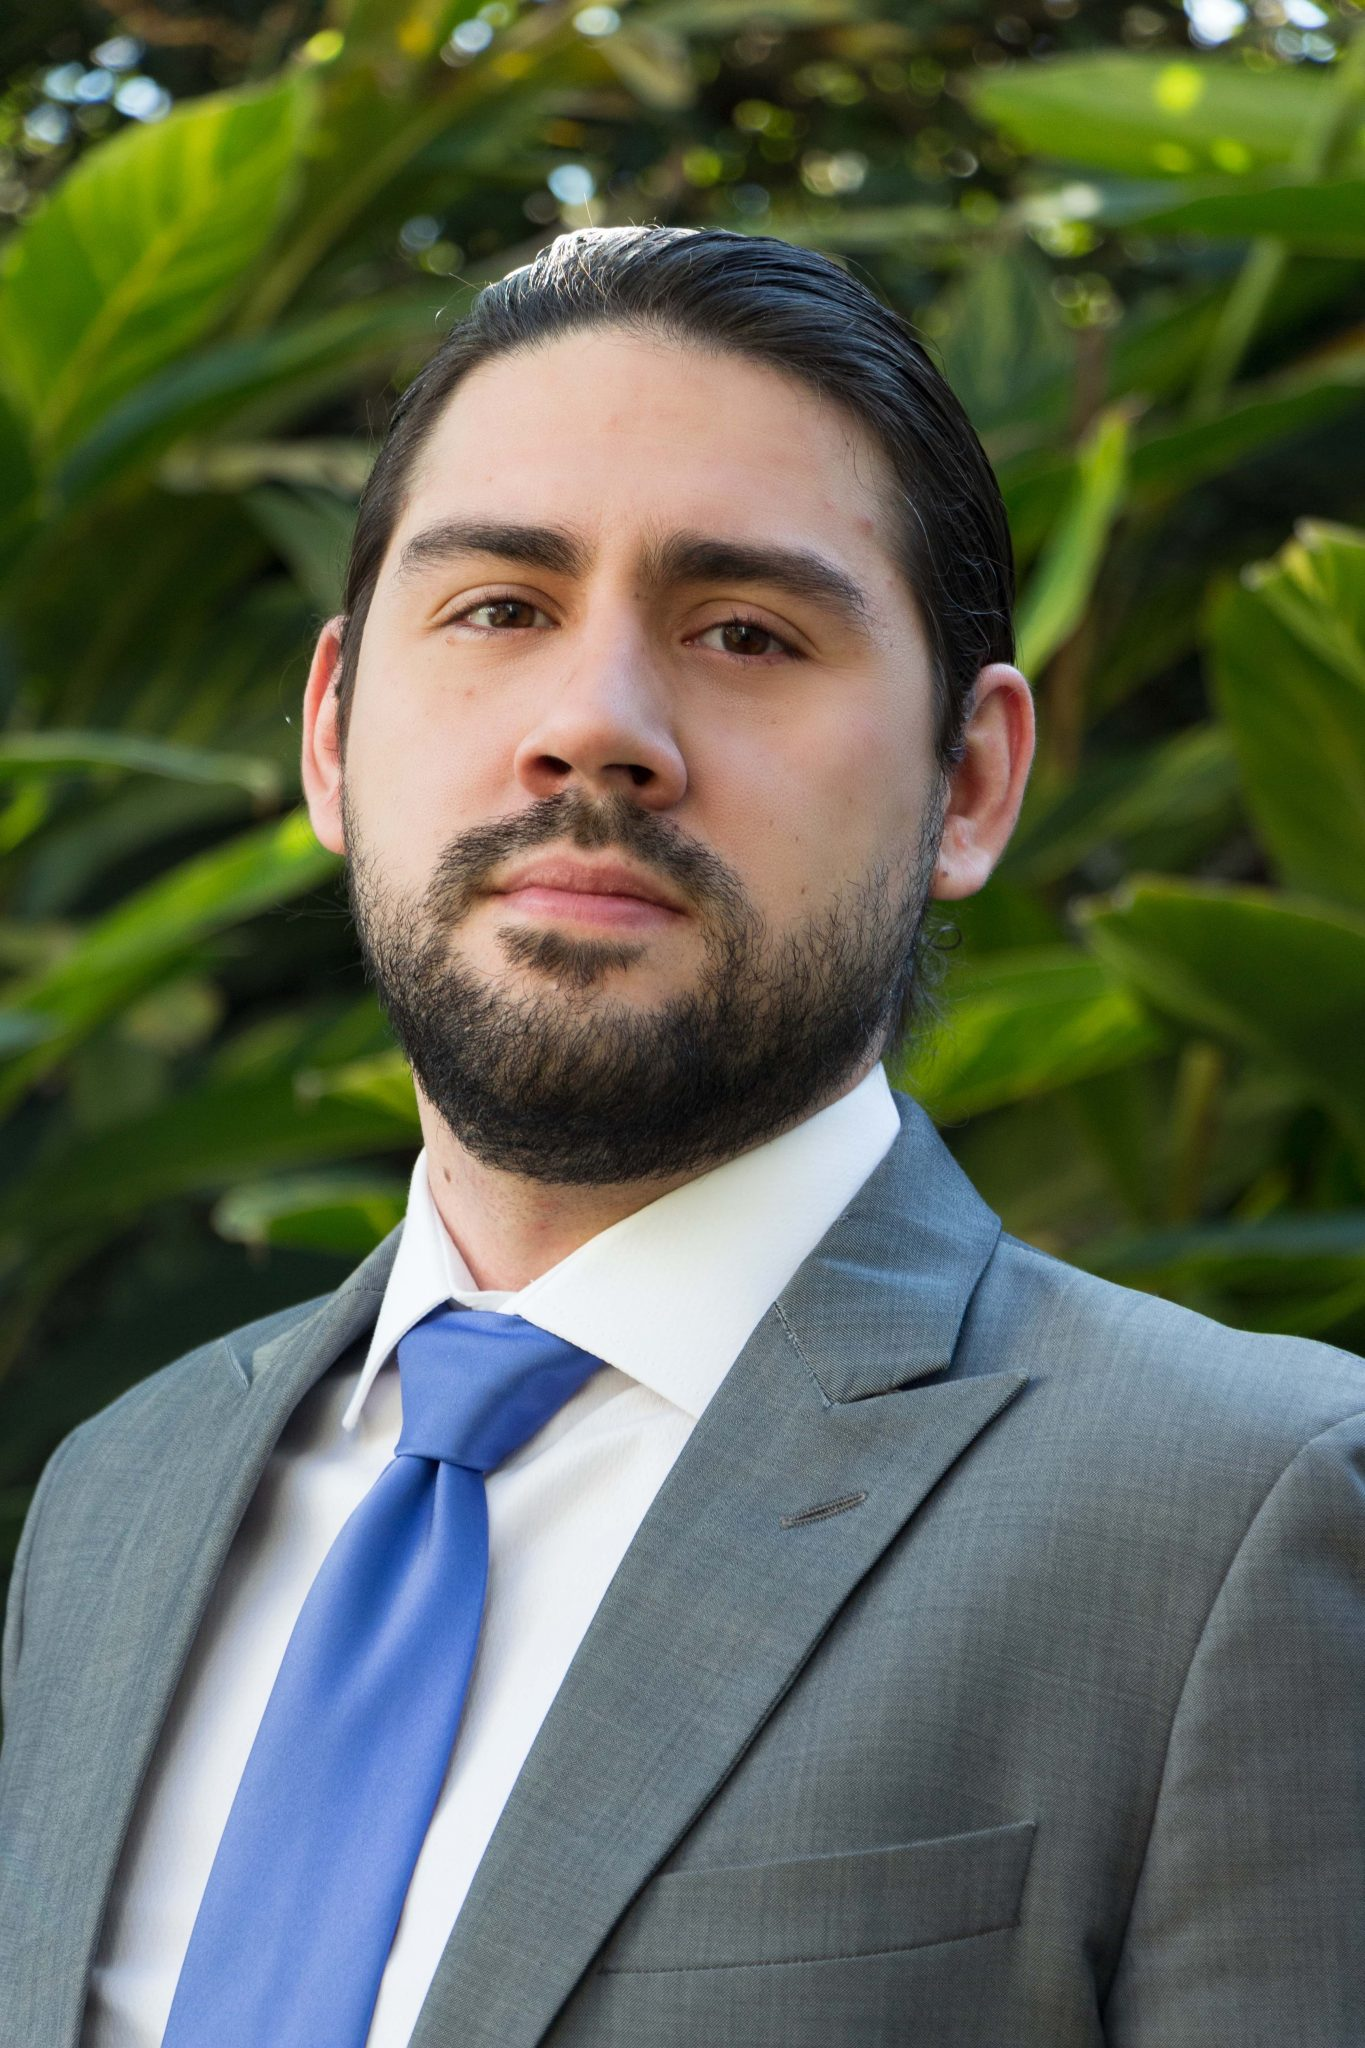 Hélio Gilberto Belfort Amaral